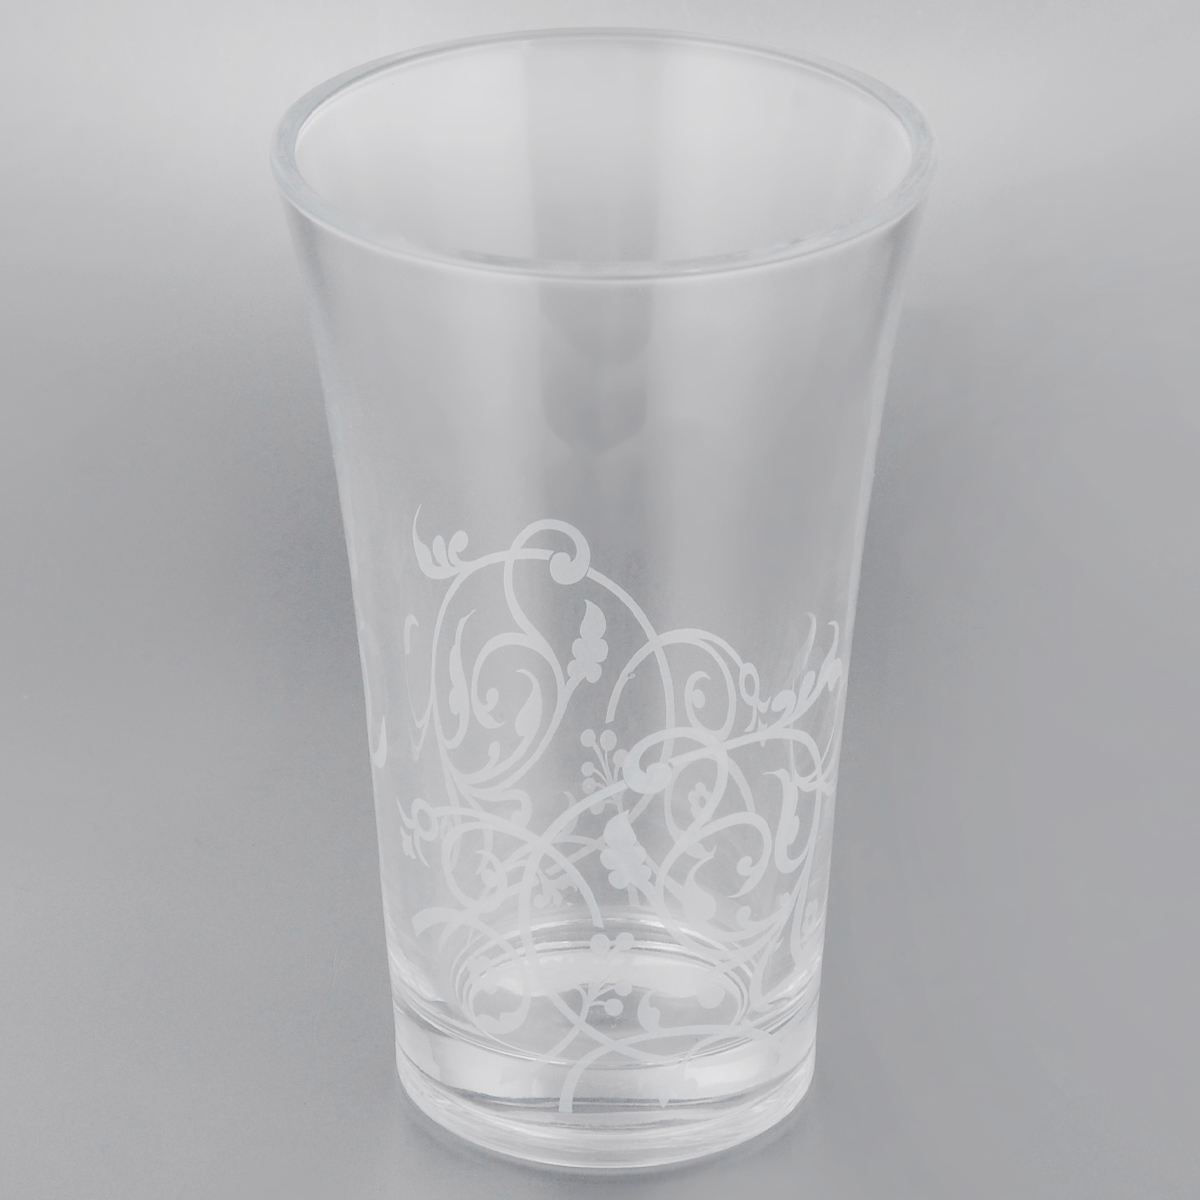 Ваза Cristal d'Arques Floriday, высота 20 см бокалы cristal d arques